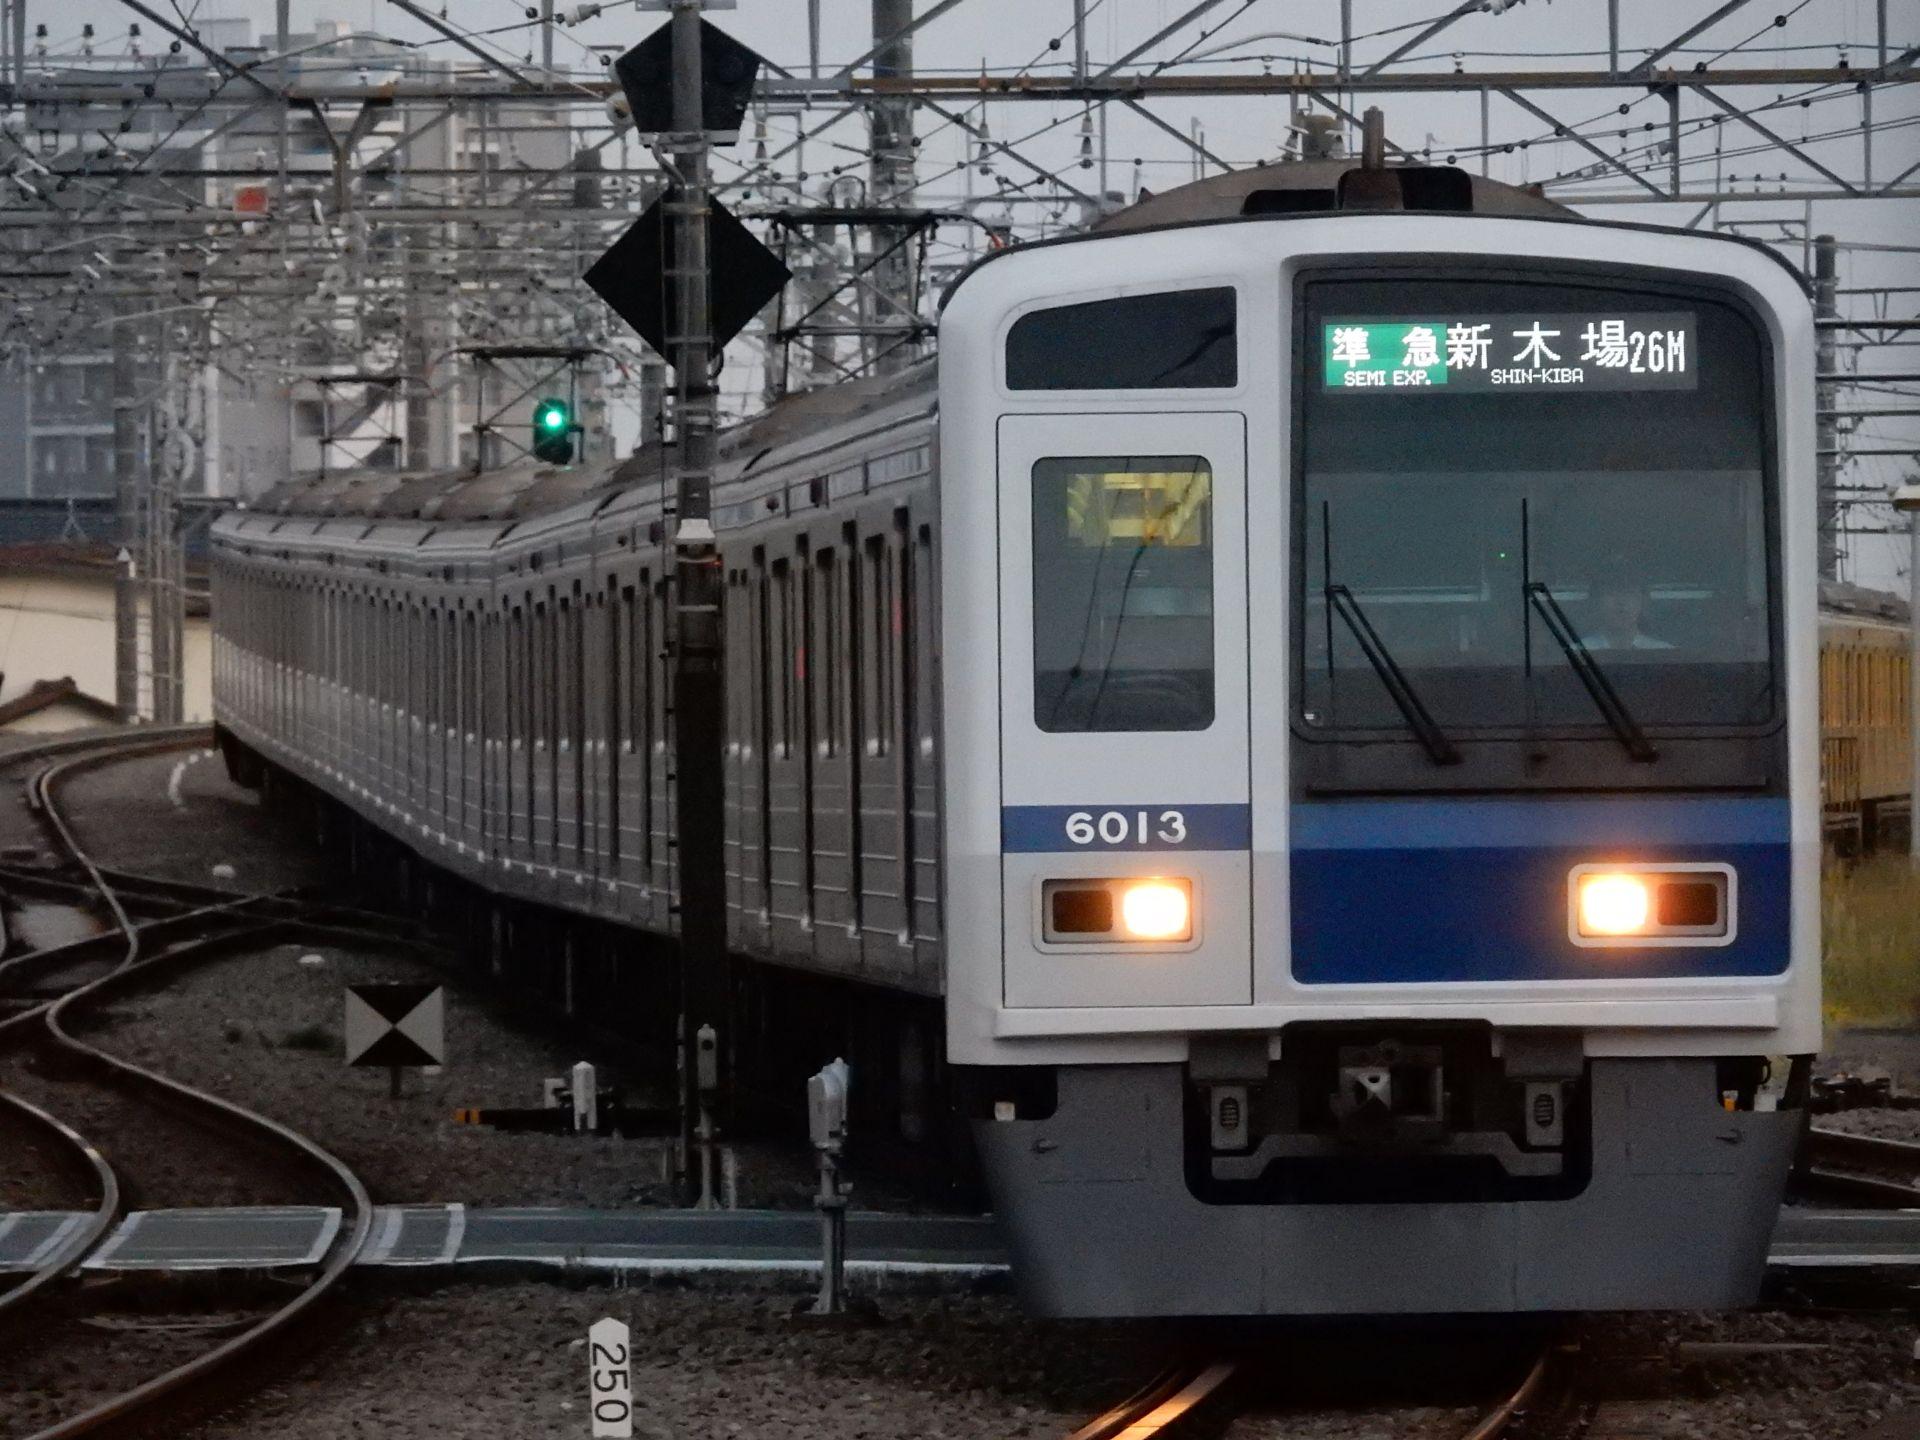 DSCN9665 - コピー